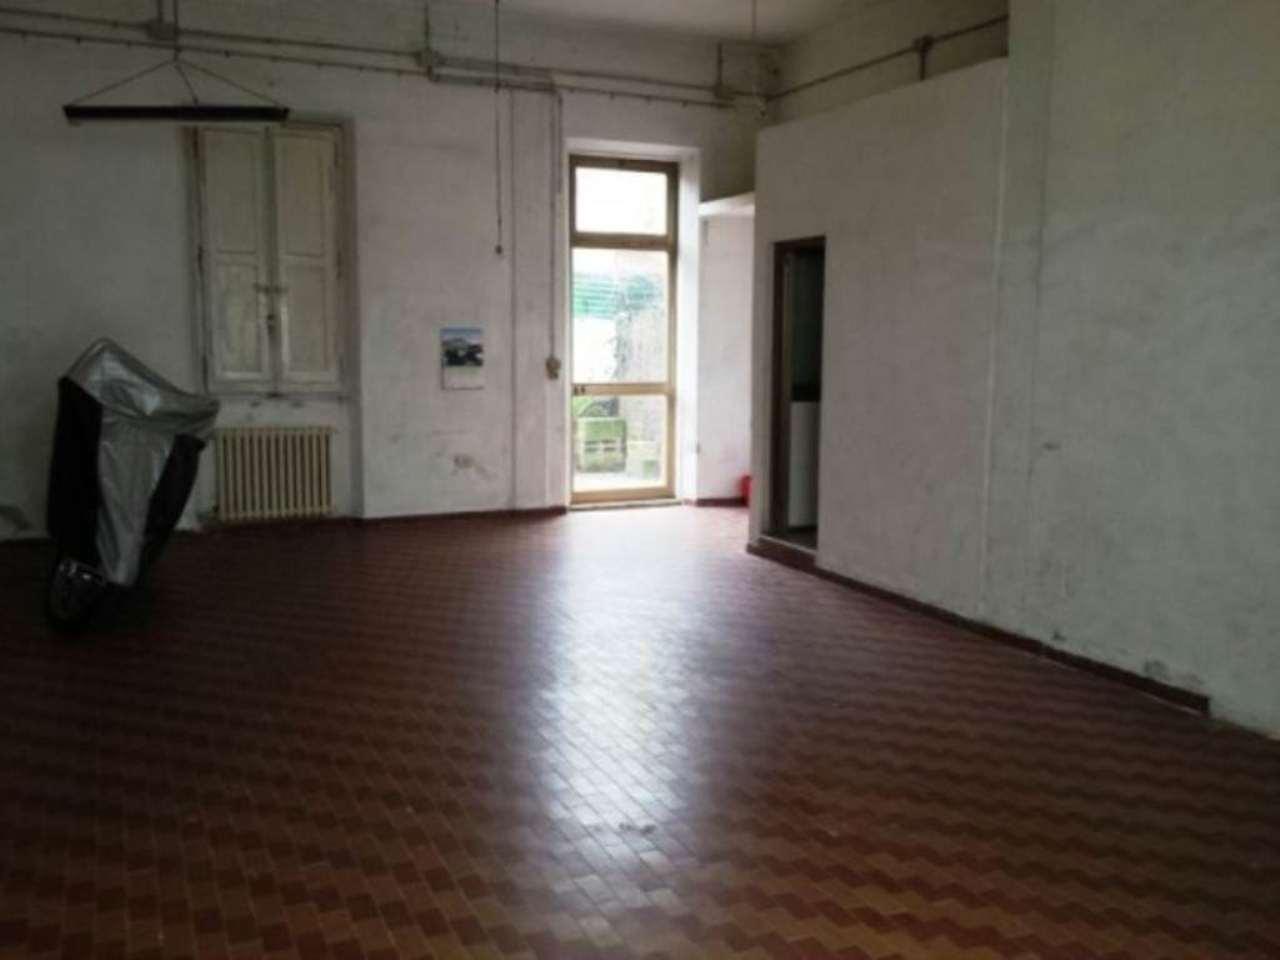 Laboratorio in affitto a Signa, 5 locali, prezzo € 550 | CambioCasa.it